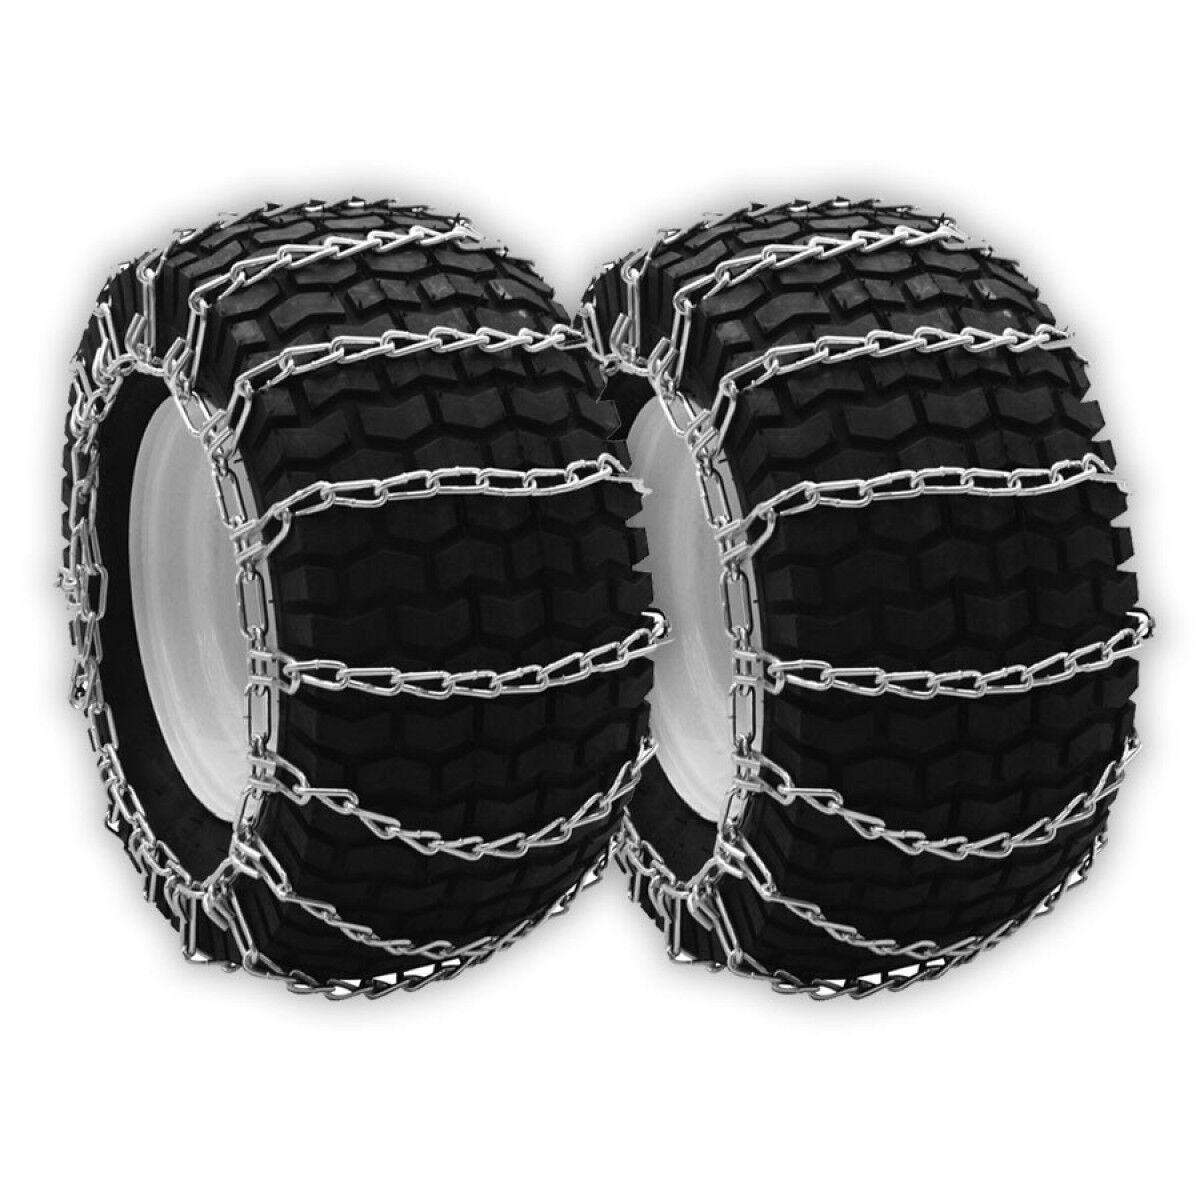 Cadenas del neumático OPD (juego de 2) 23x10.50-12 23x10.50x12 2-link Con Tensores